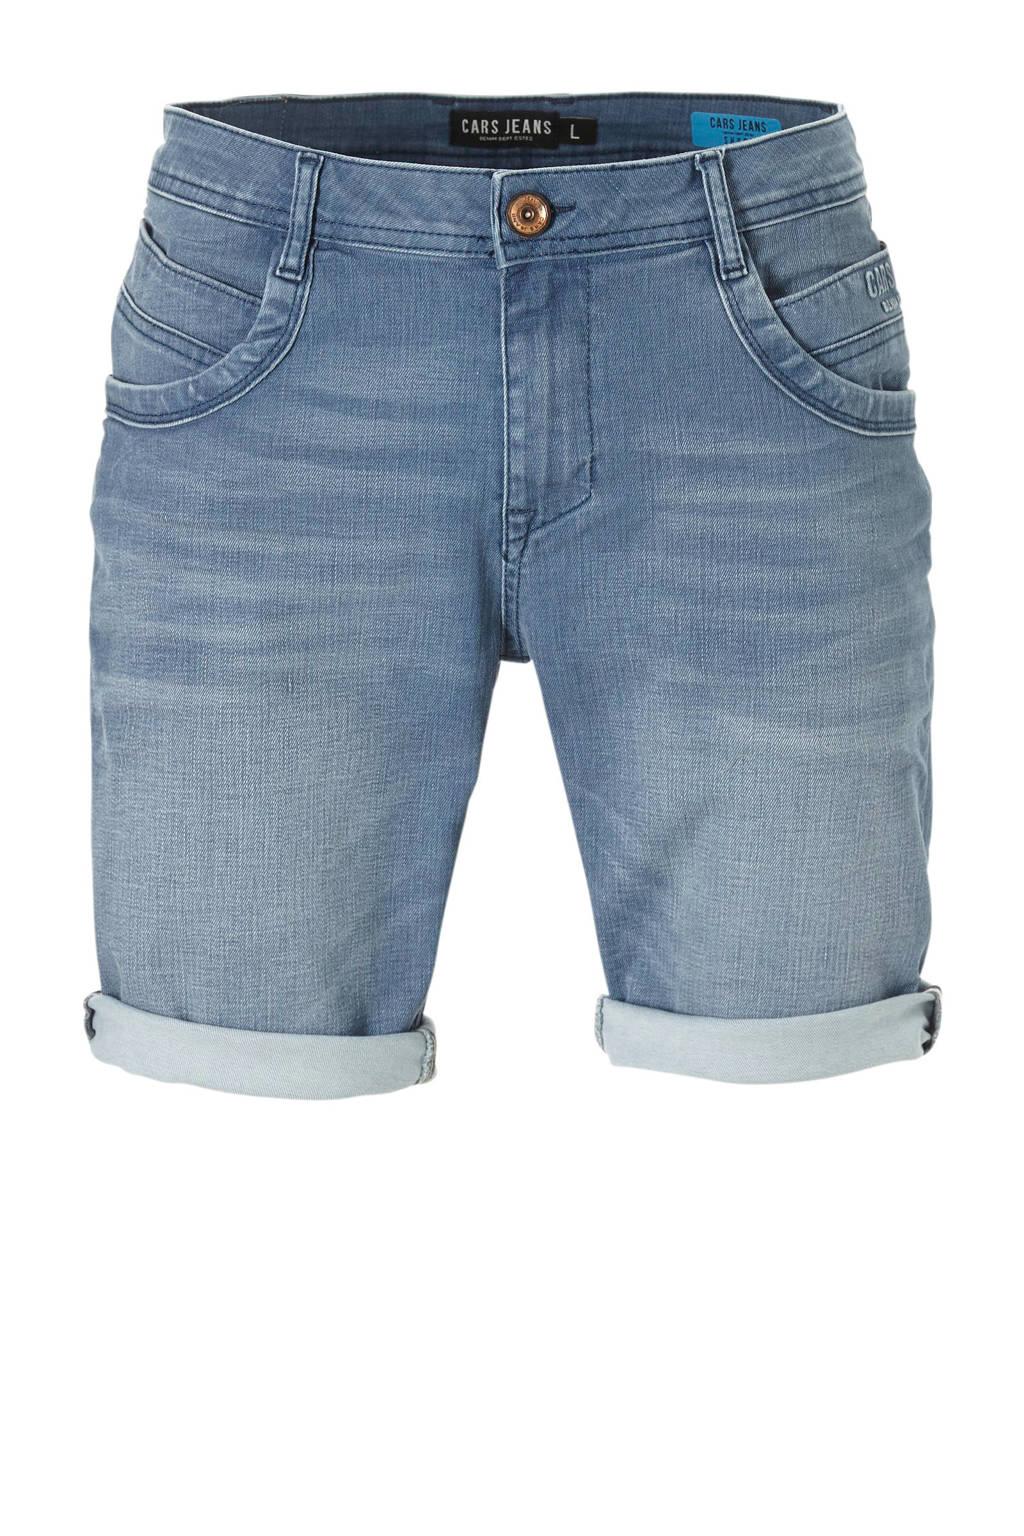 Cars jeans short, Bleached denim